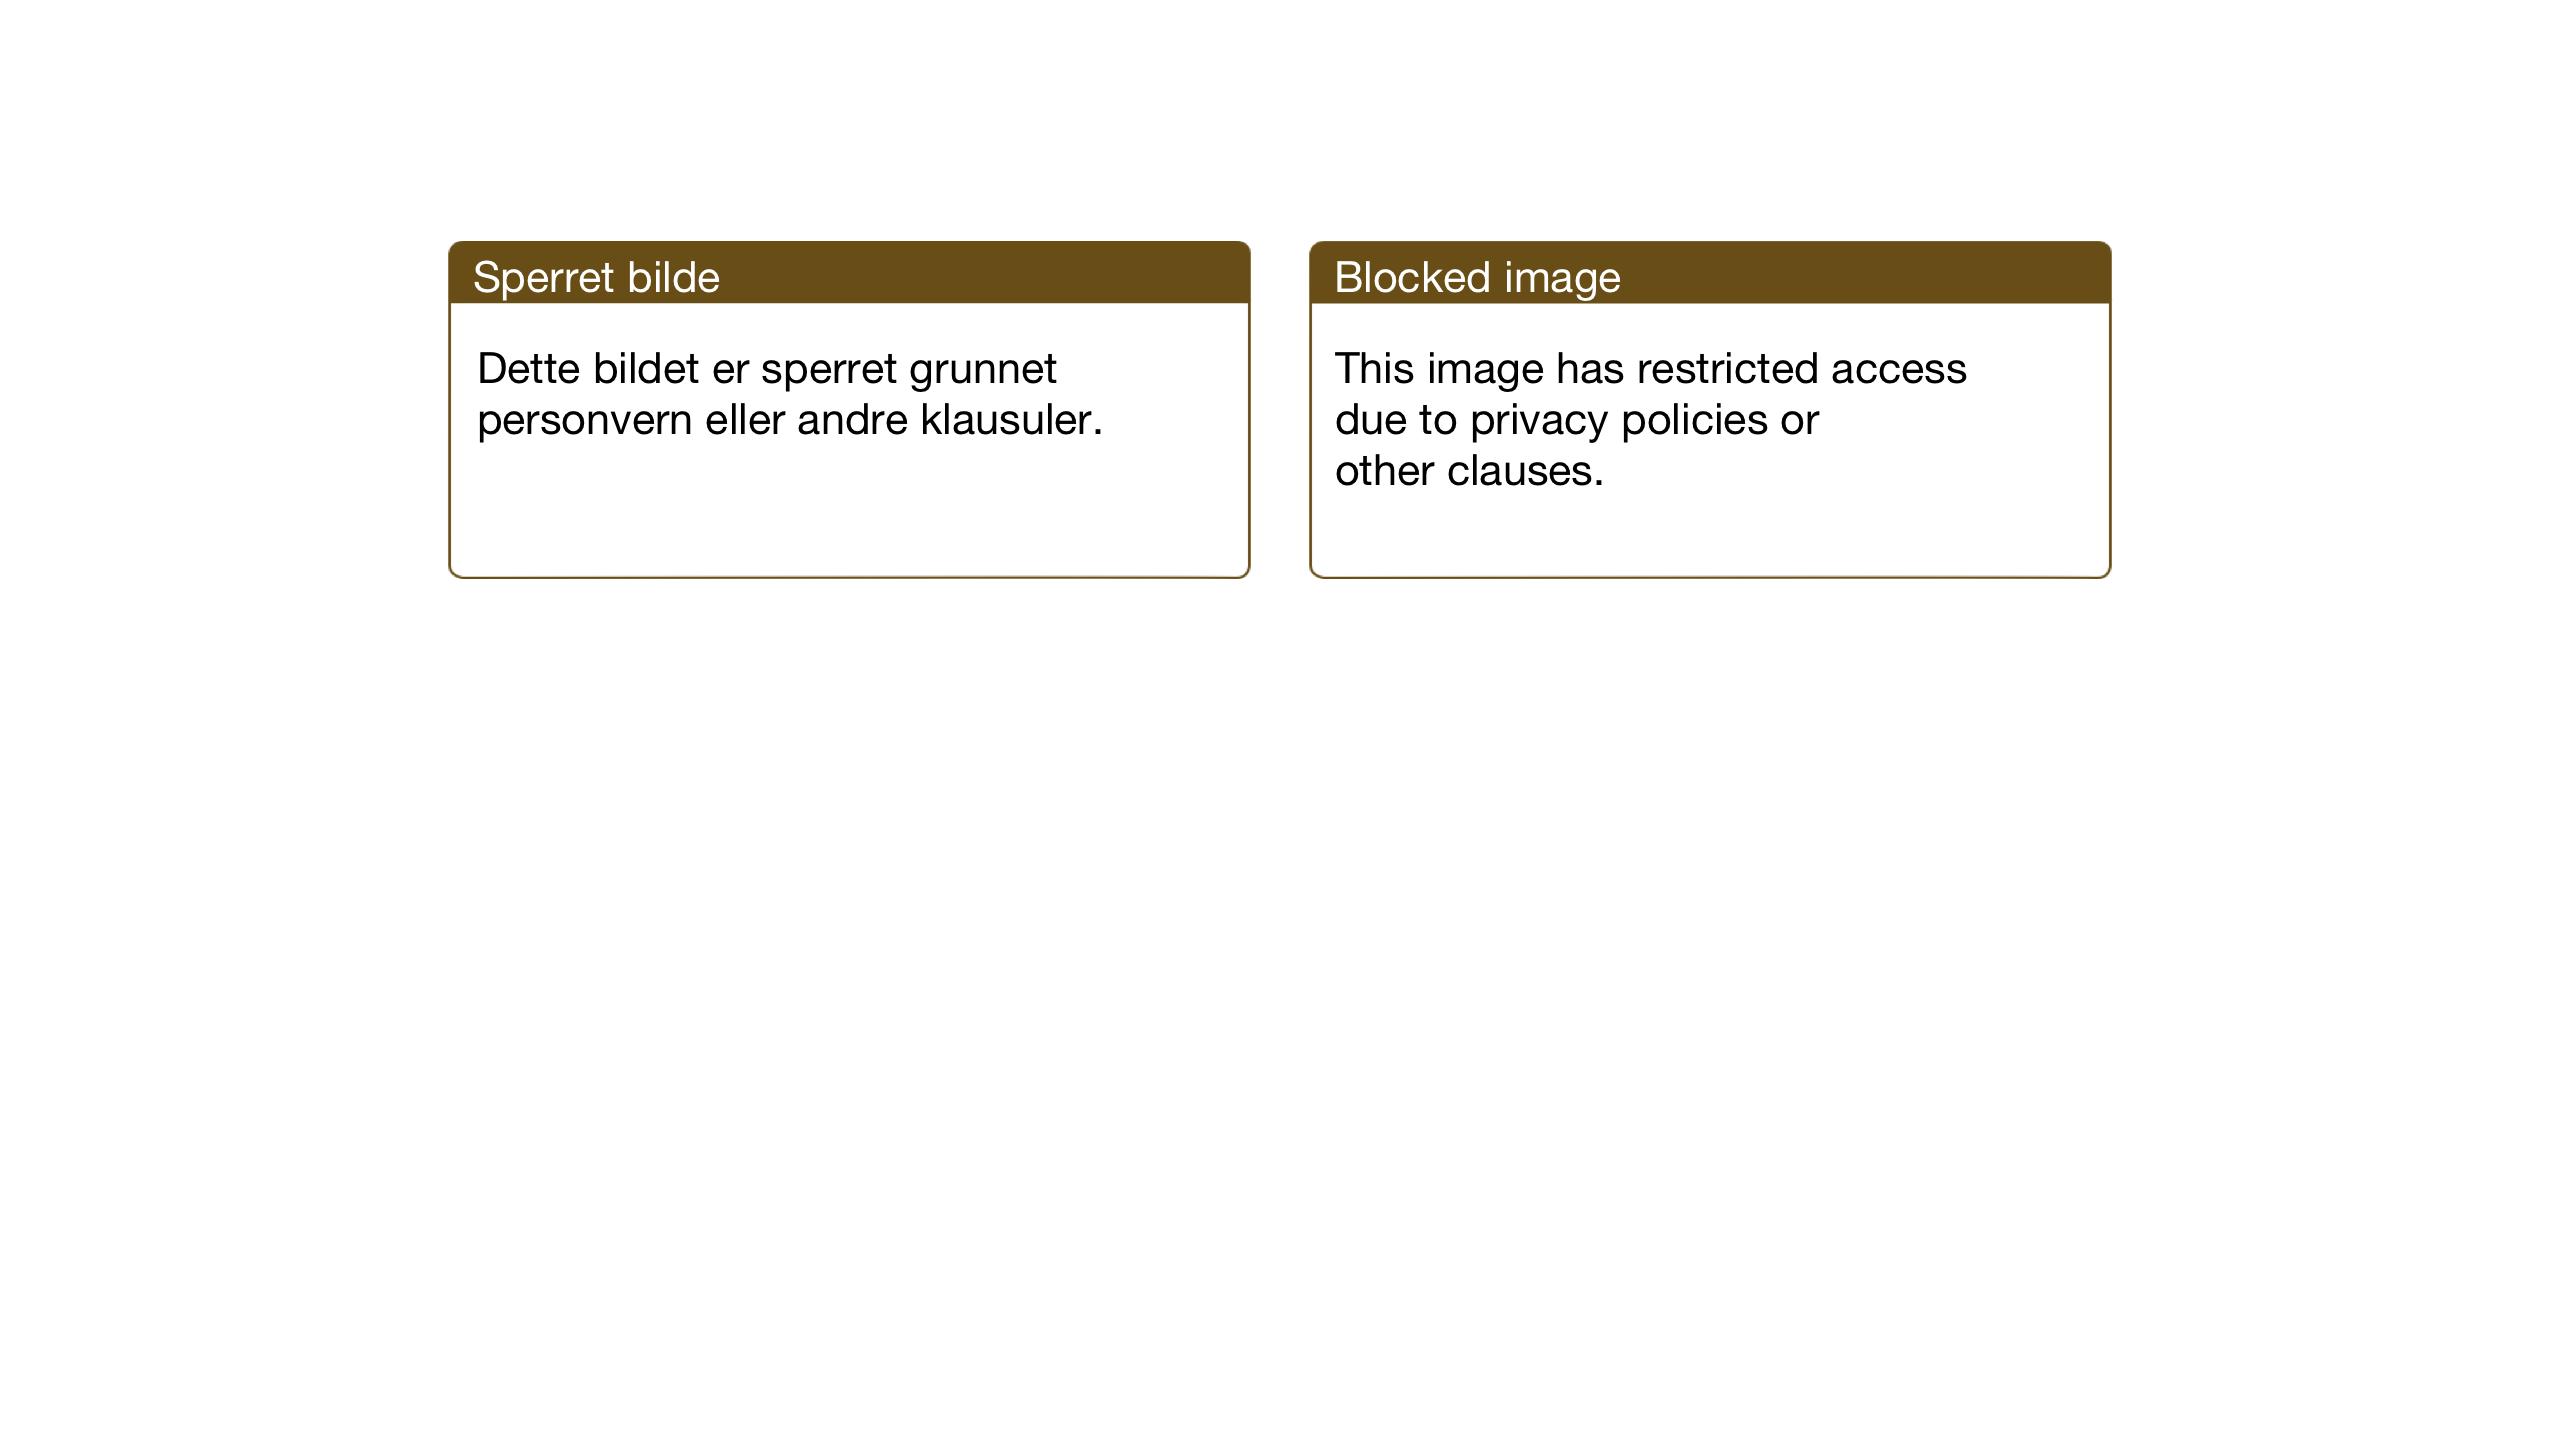 SAT, Ministerialprotokoller, klokkerbøker og fødselsregistre - Nord-Trøndelag, 722/L0227: Klokkerbok nr. 722C03, 1928-1958, s. 18